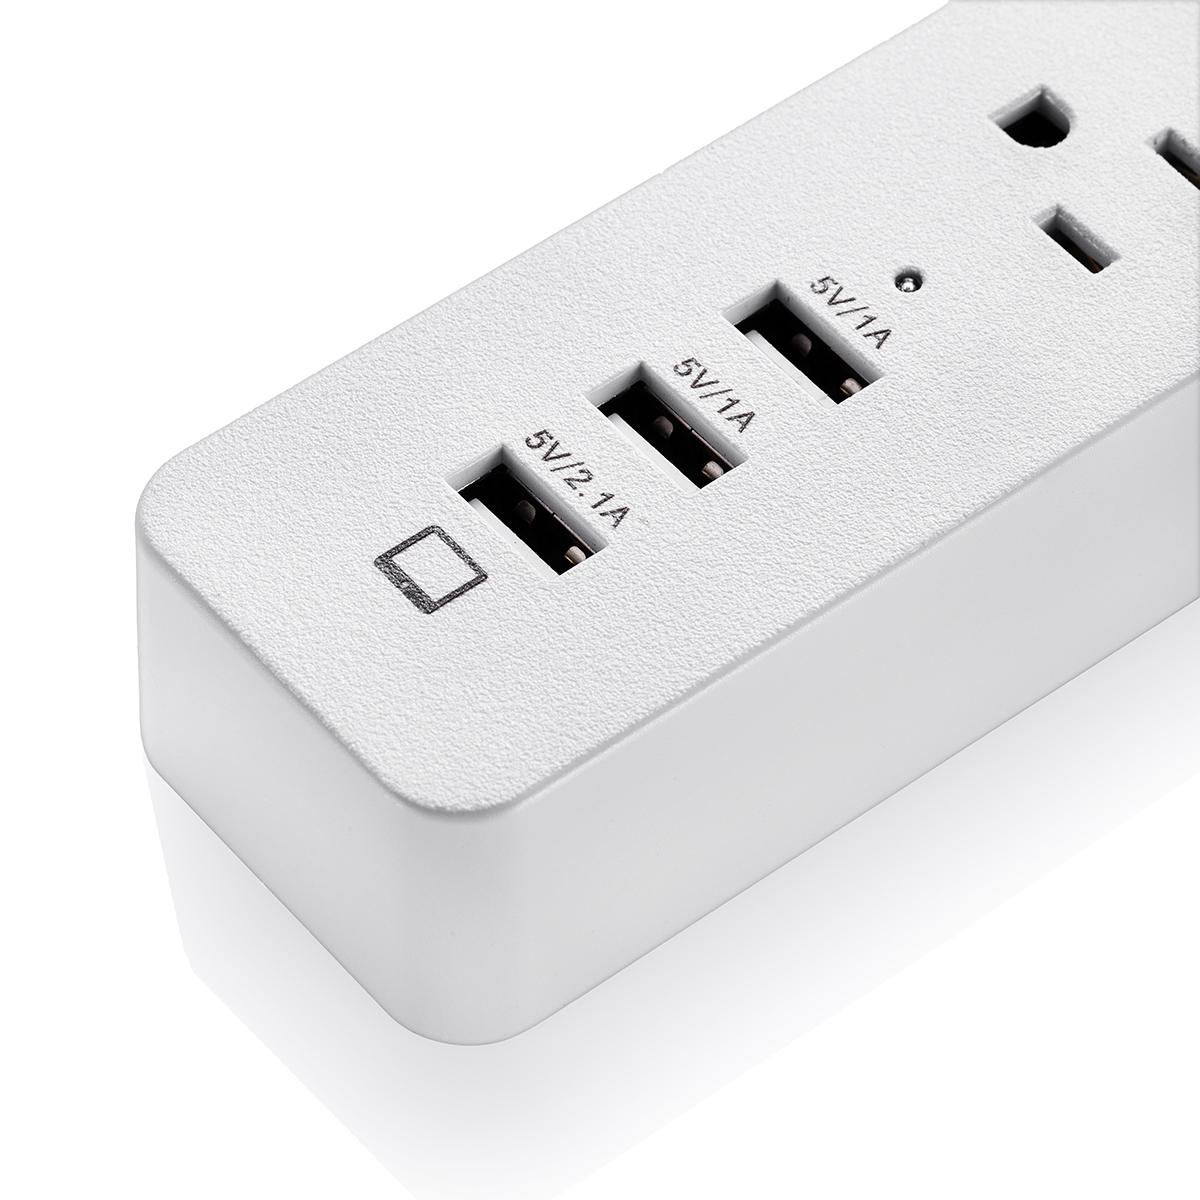 3 usb travel charger 3 outlet socket power strip surge protector lightningproof ebay. Black Bedroom Furniture Sets. Home Design Ideas